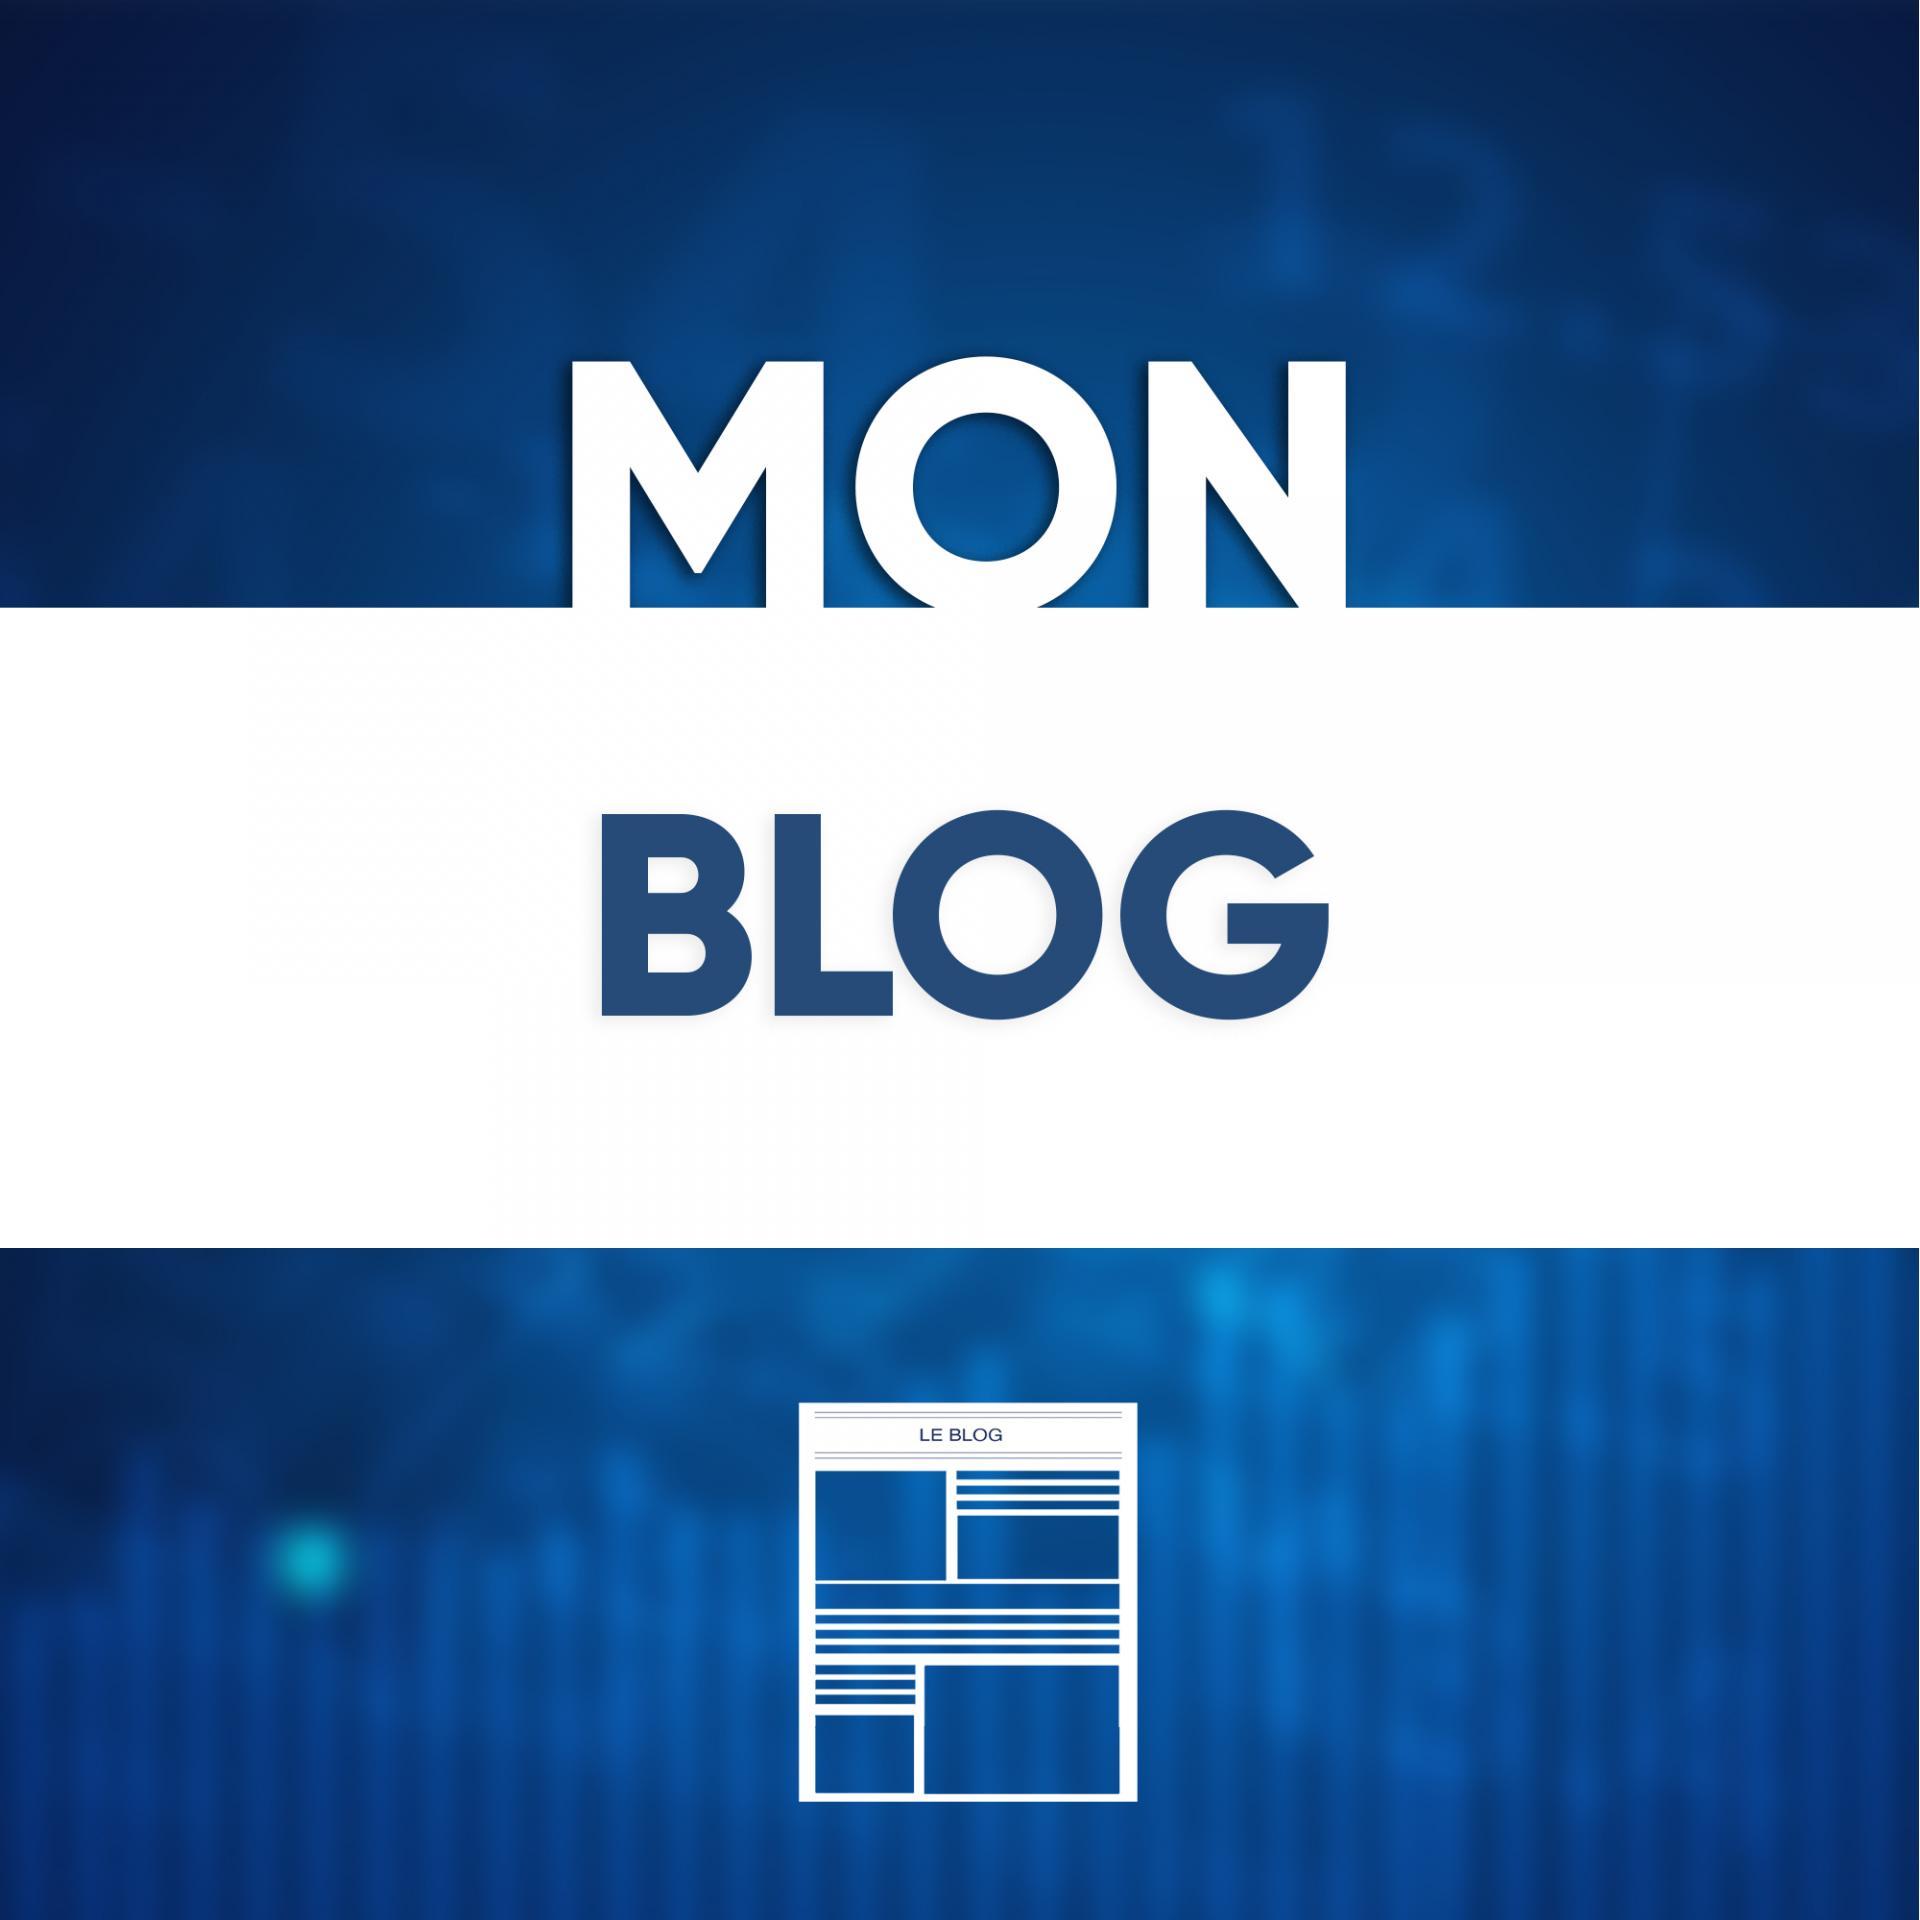 Mon blog hd